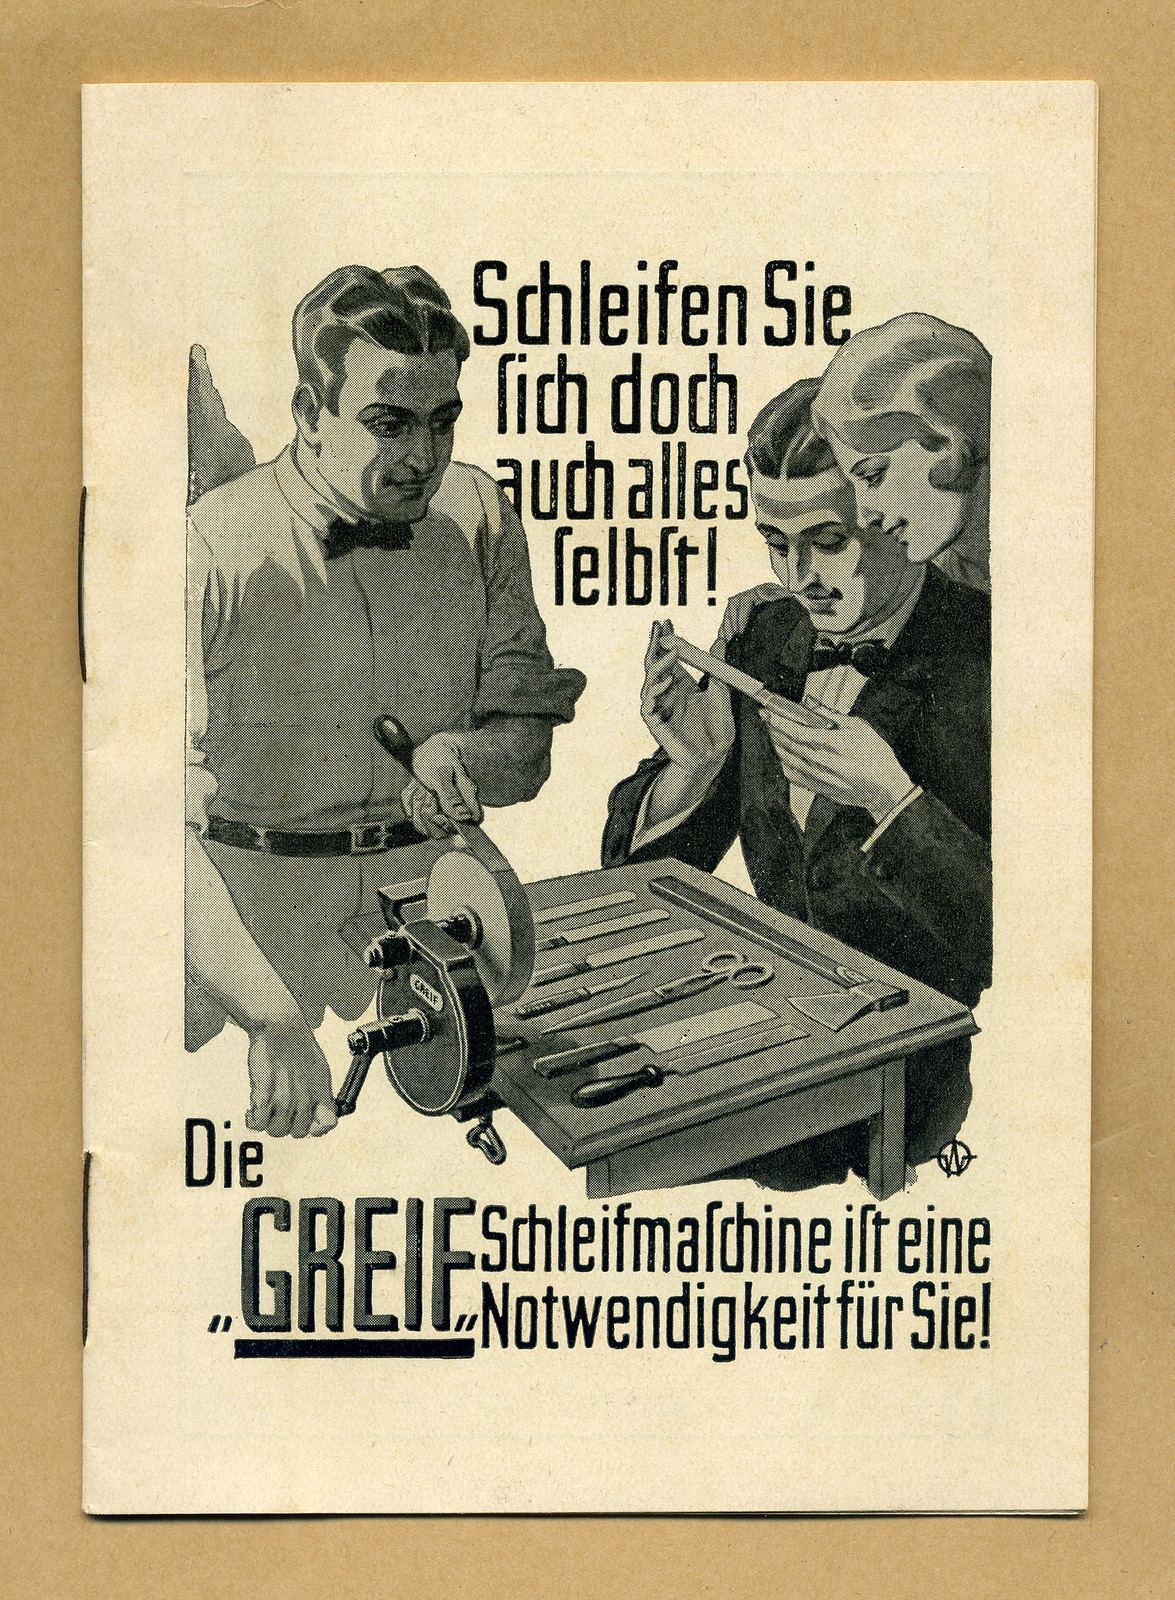 Werbeheftchen für Greif Schleifmaschinen